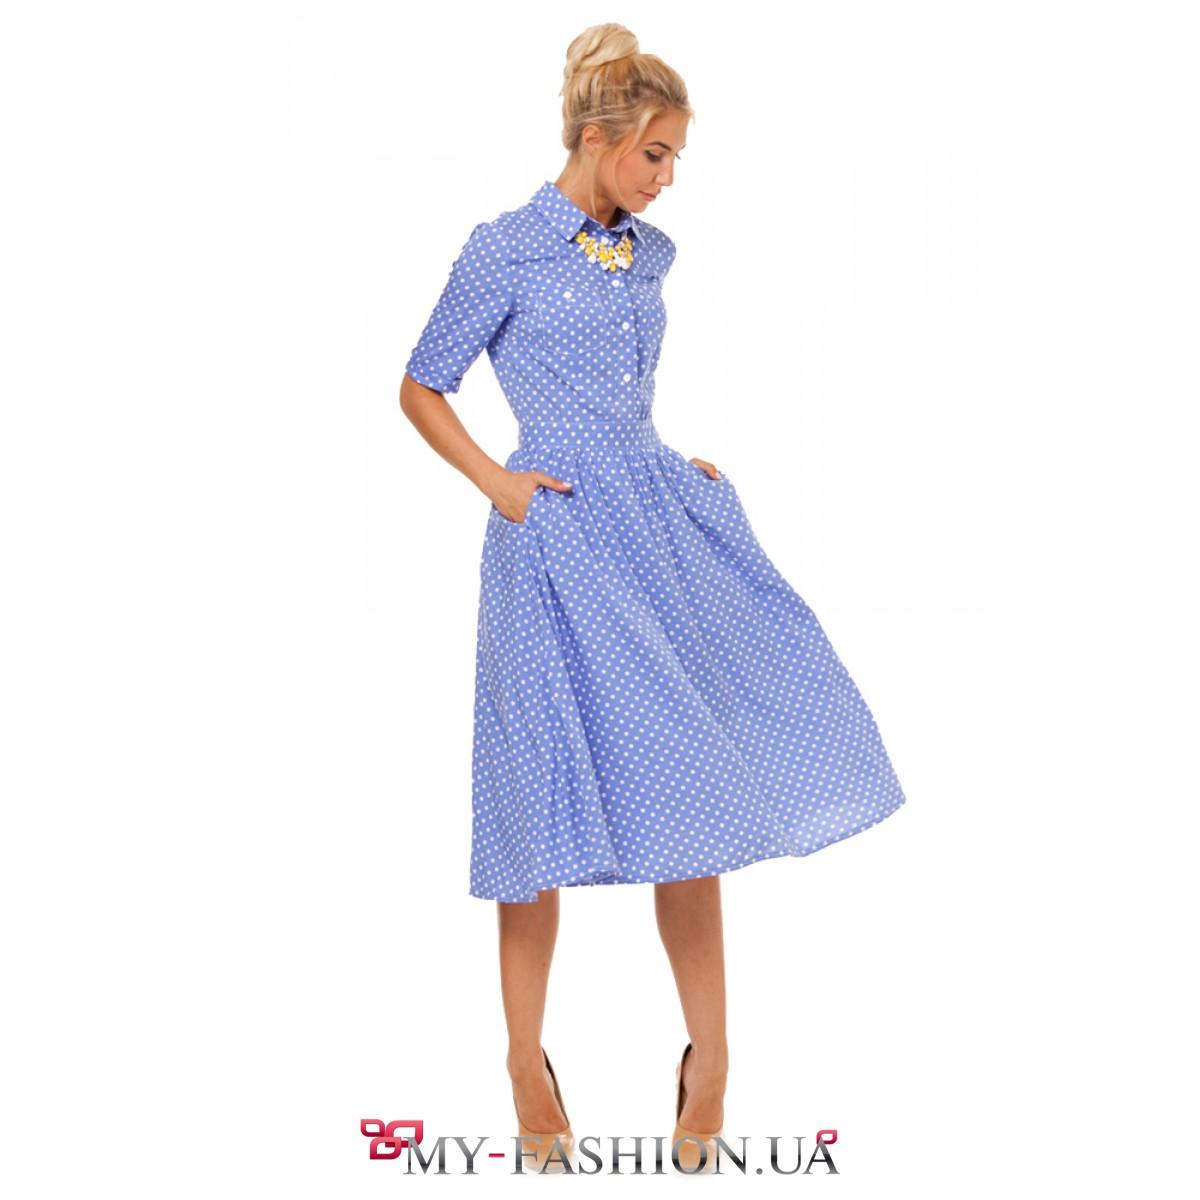 Голубое платье в горошек купить в